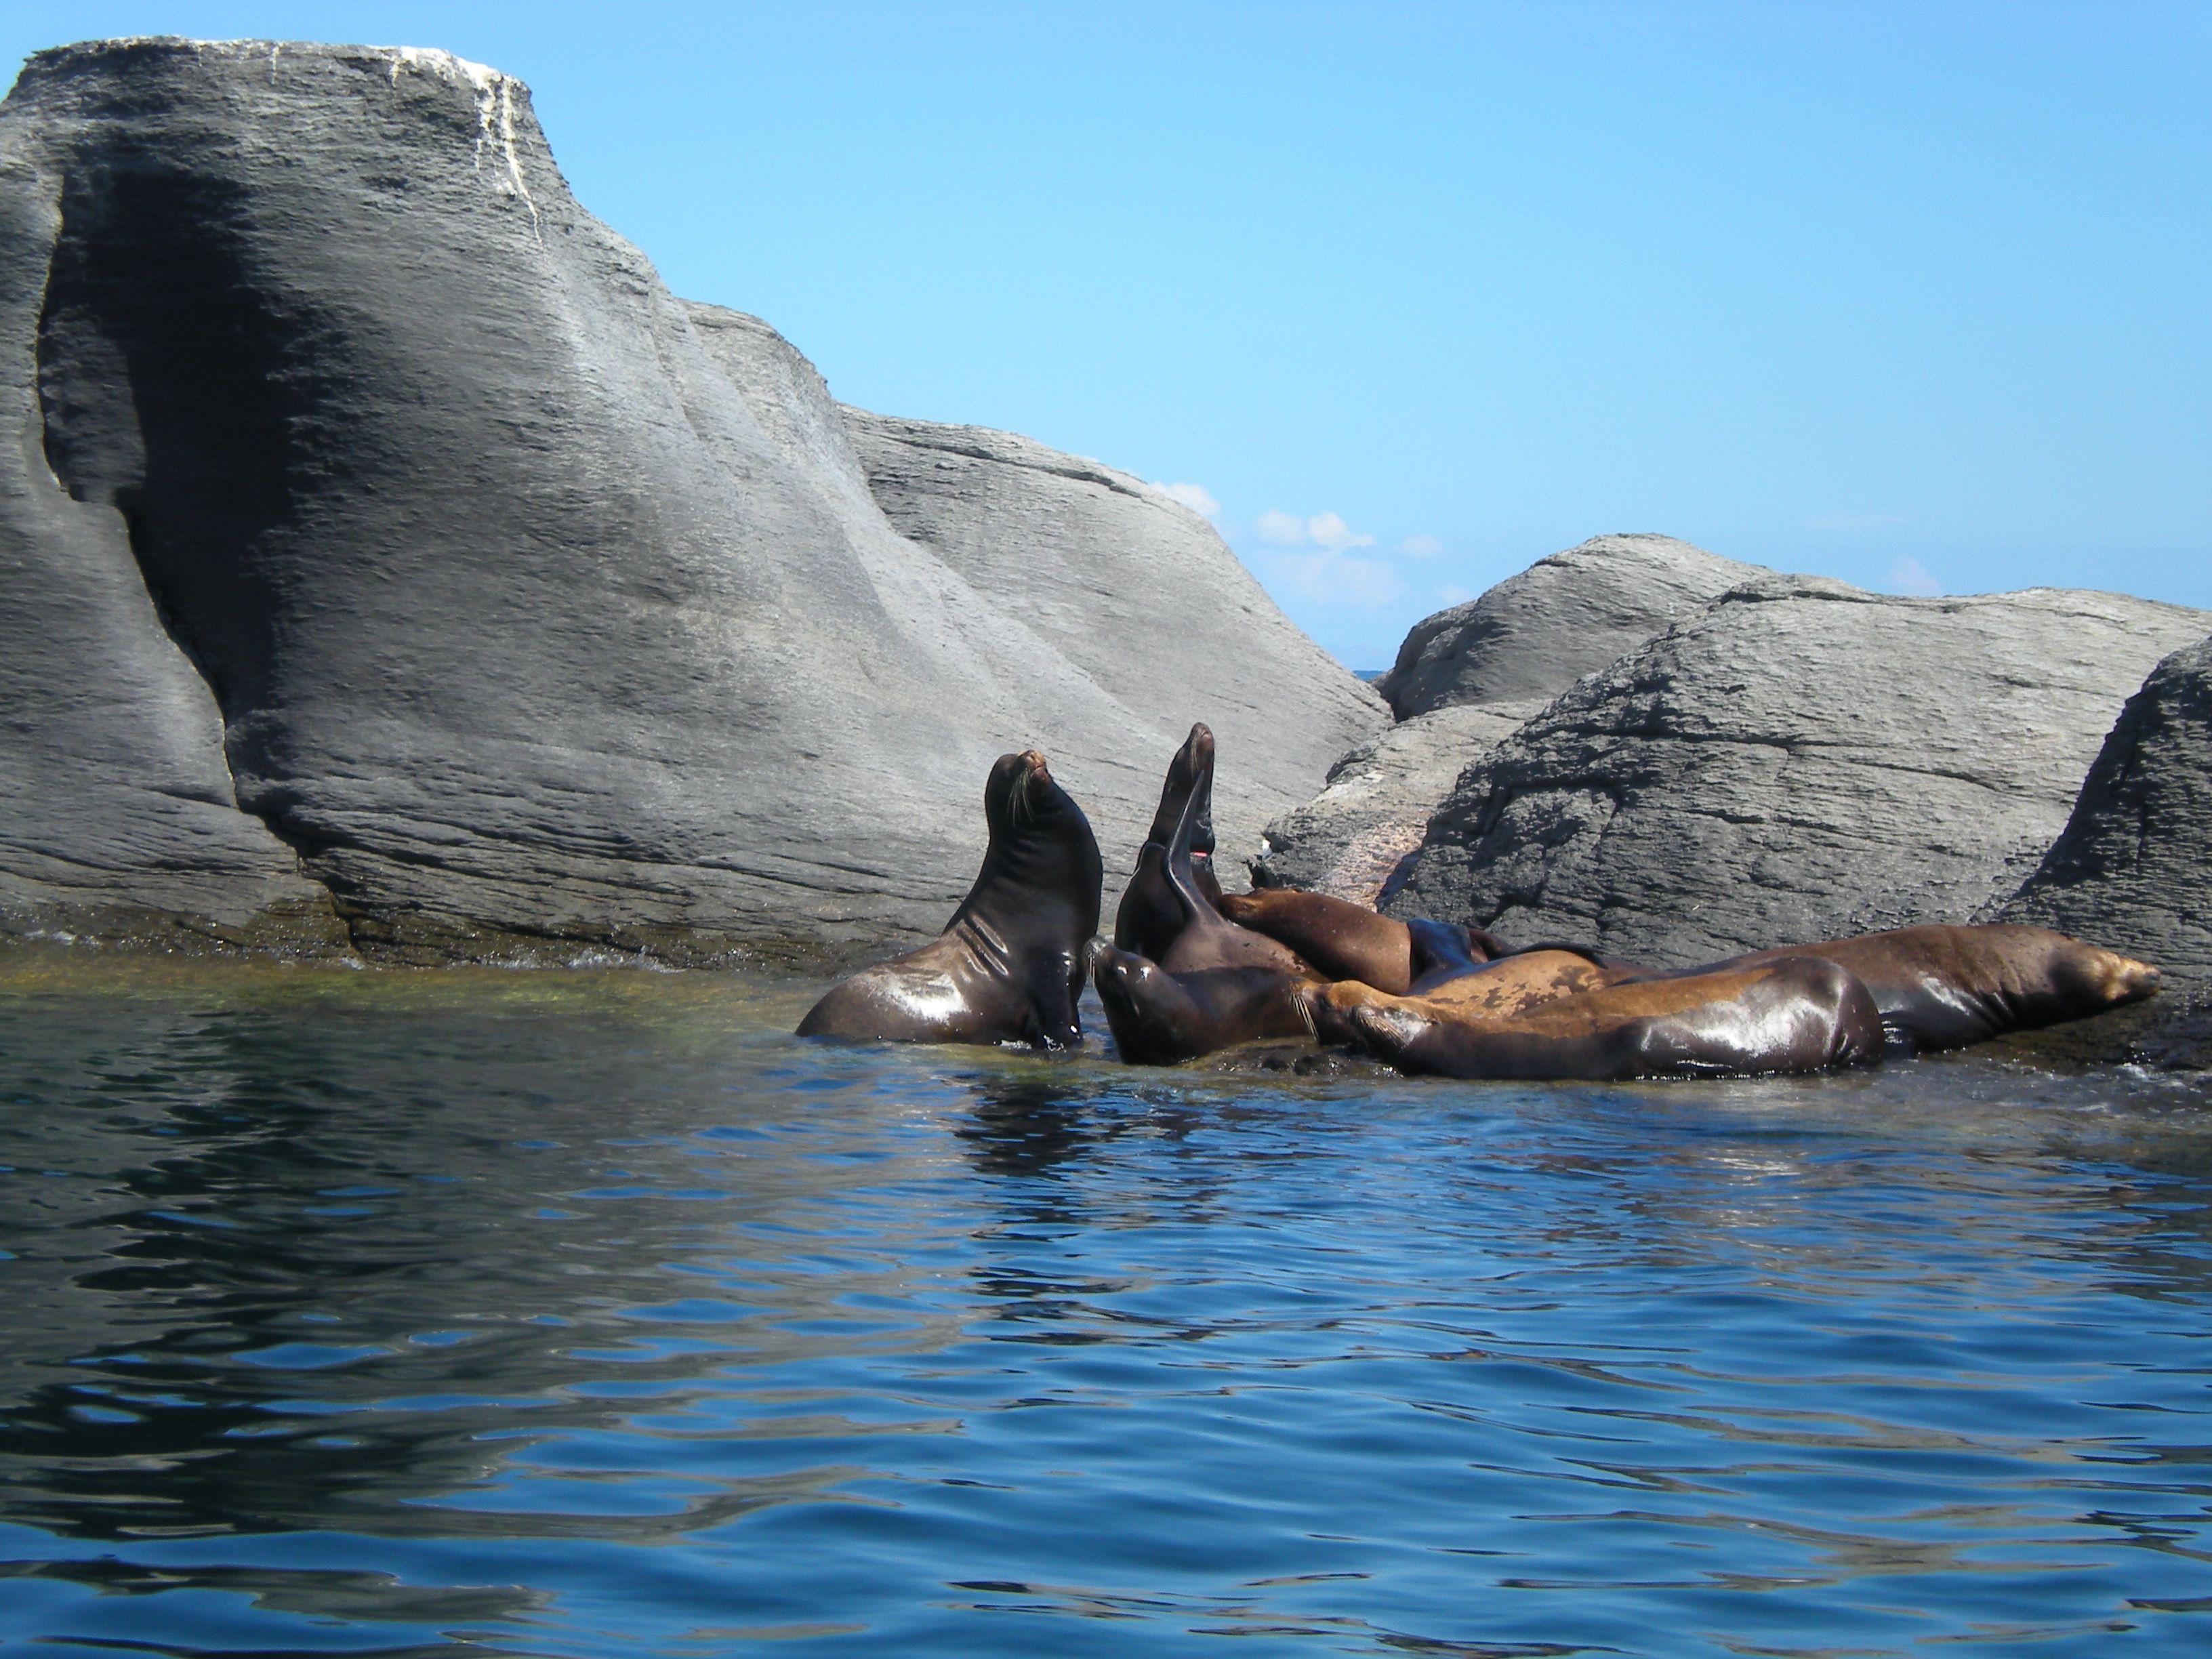 Lobos marinos en la reserva de la biosfera de las islas del golfo de california